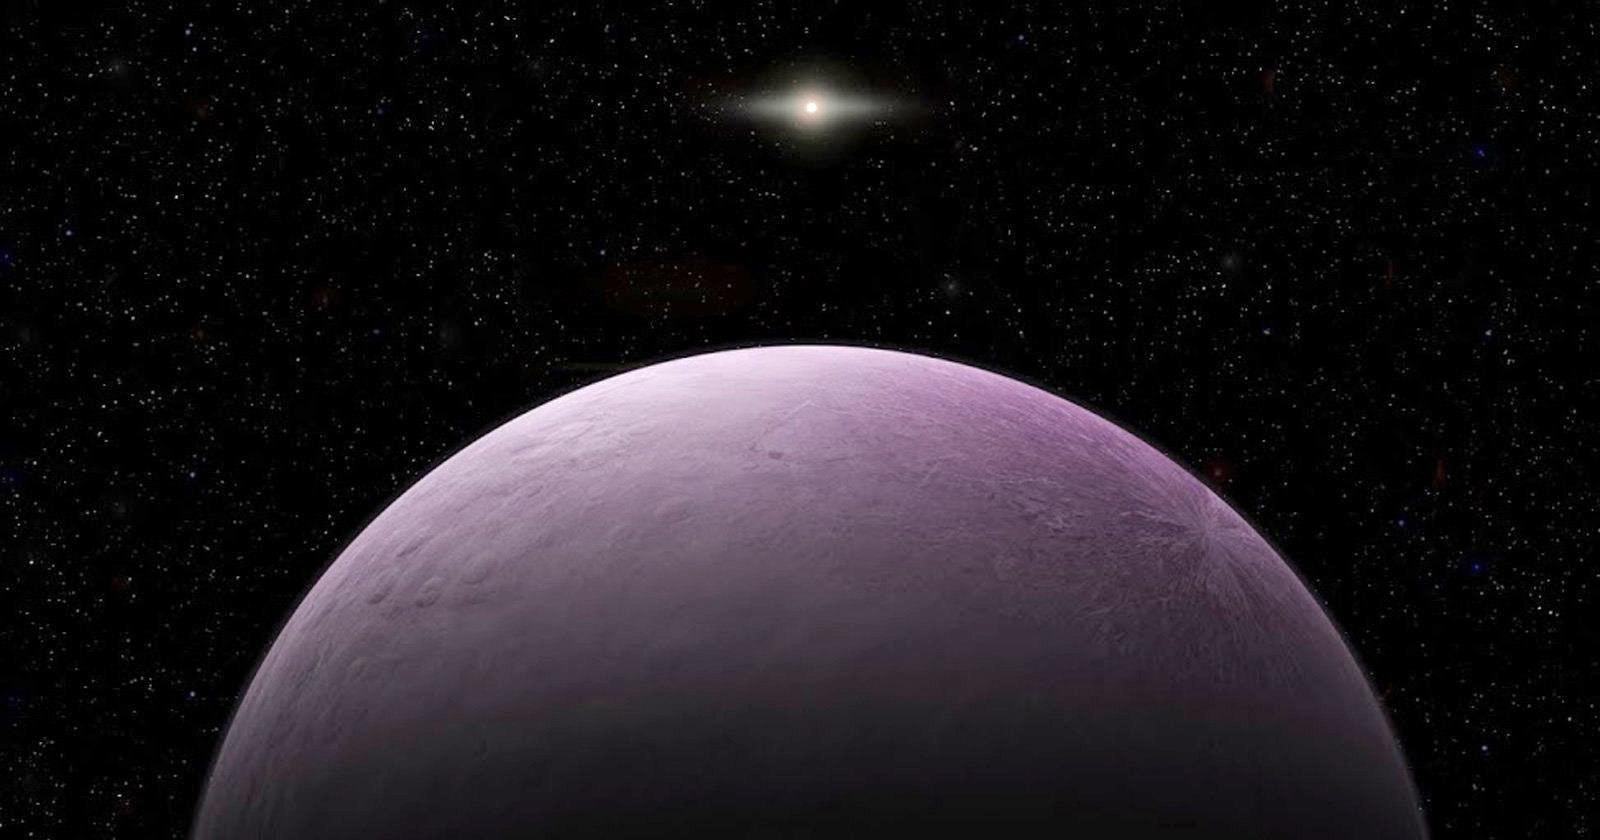 Найден новый претендент на звание самого далекого объекта Солнечной системы